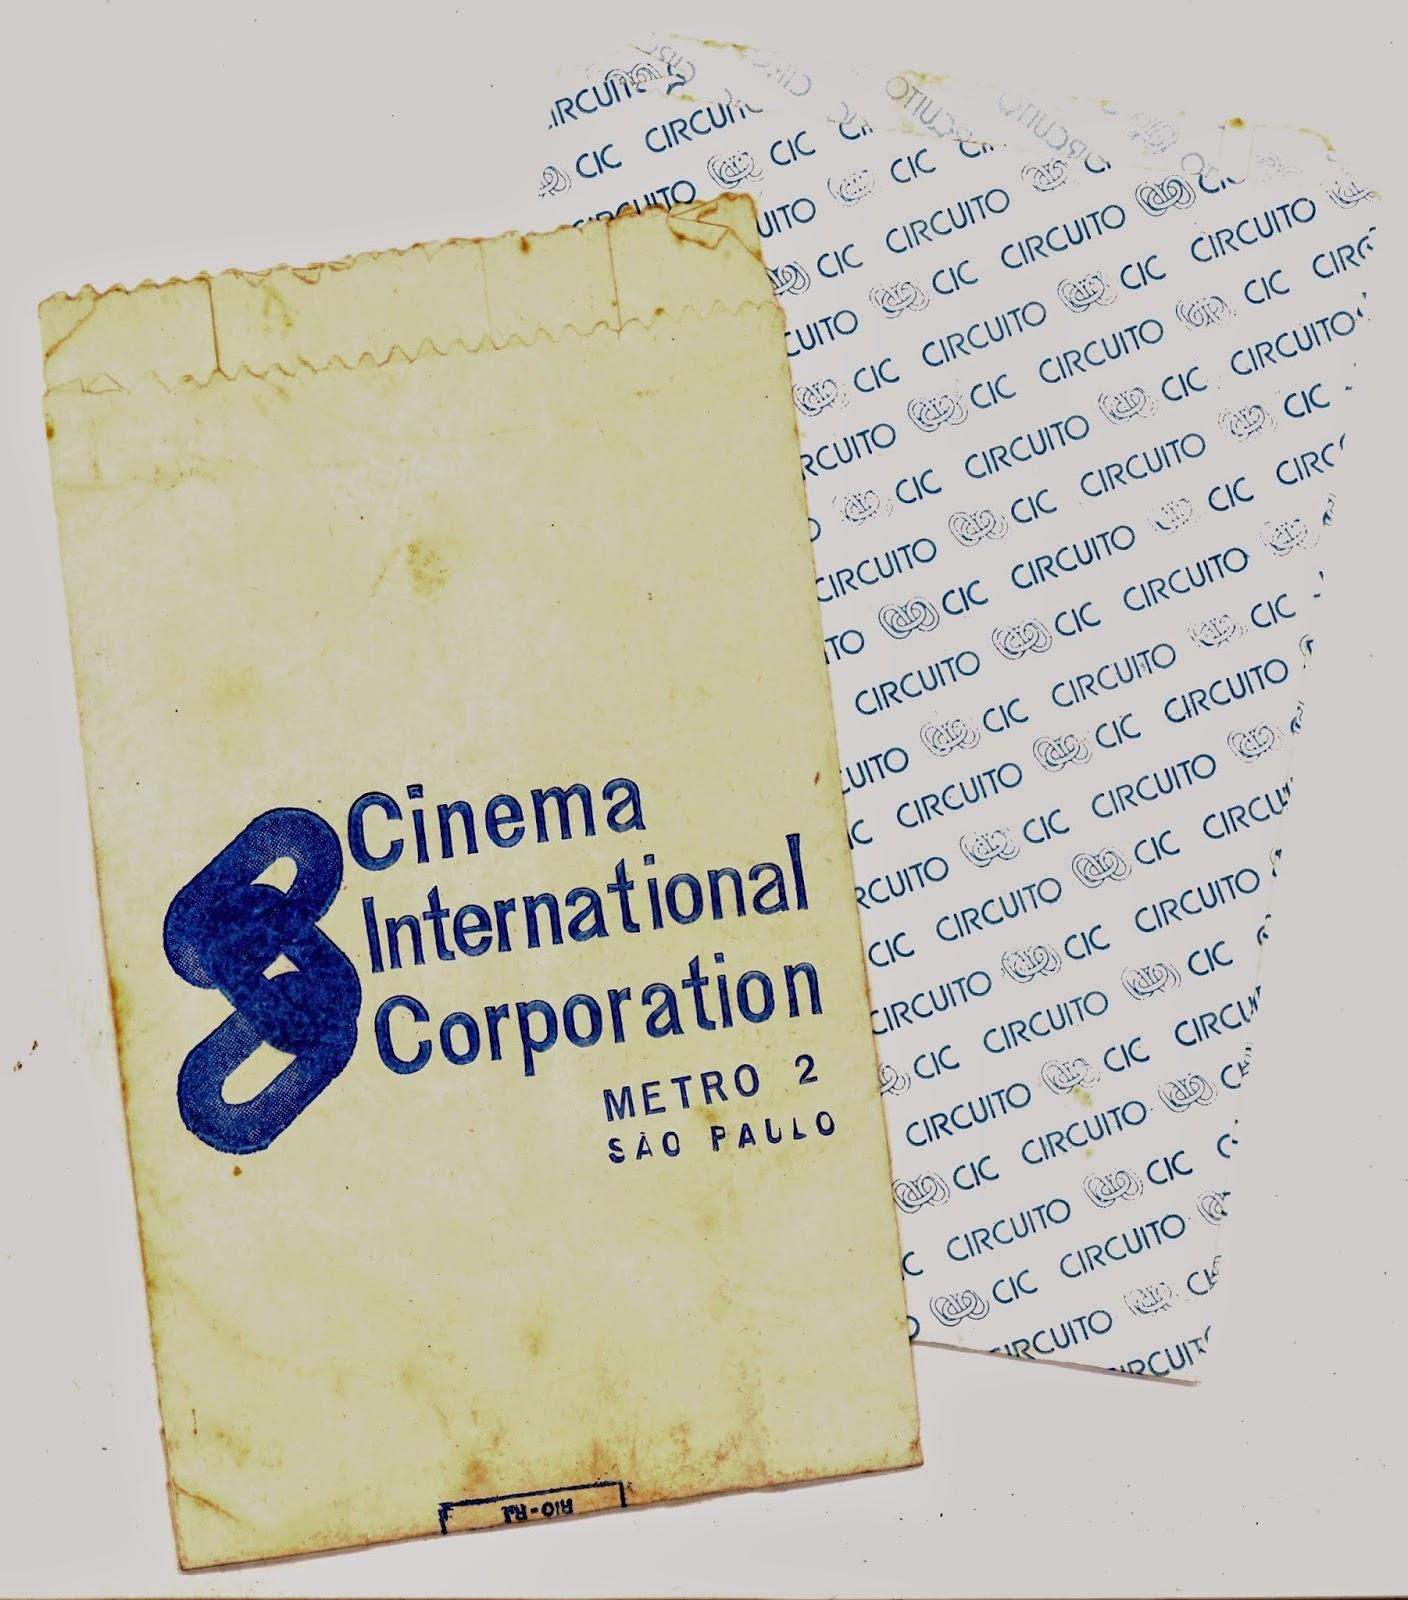 Circuito Cinema Sp : Salas de cinema de sÃo paulo metro são paulo sp